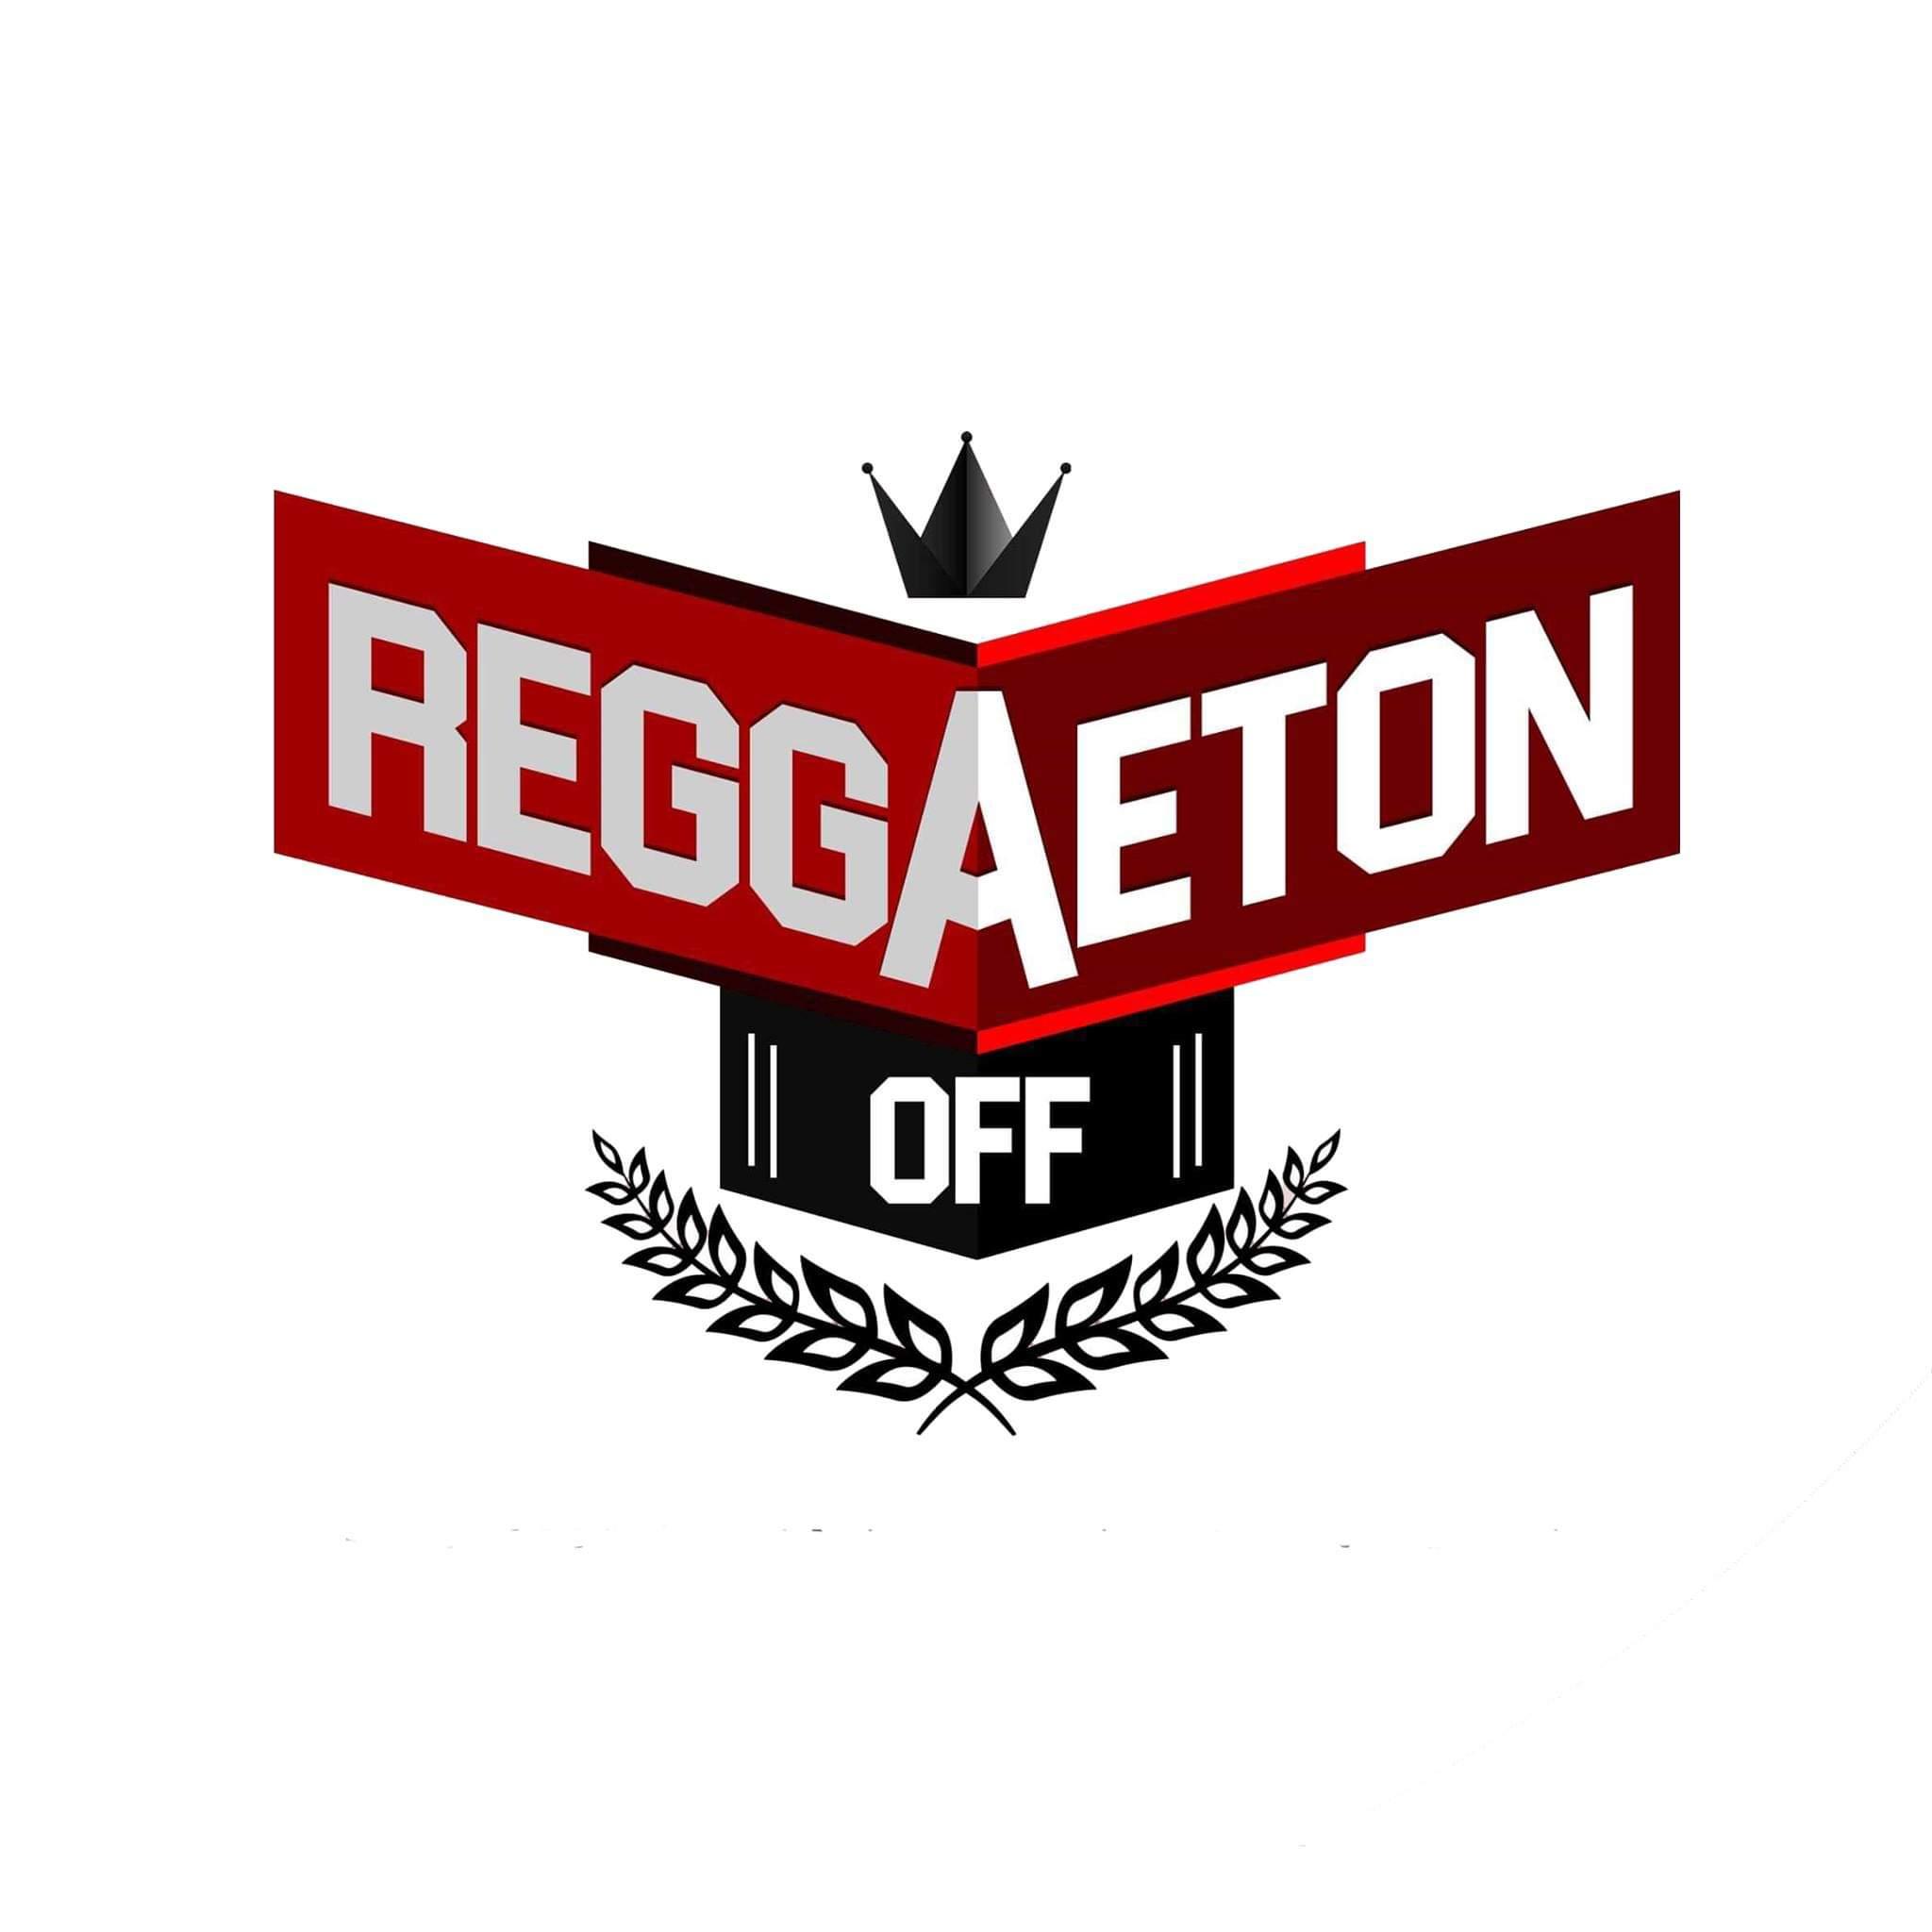 Reggaeton Off